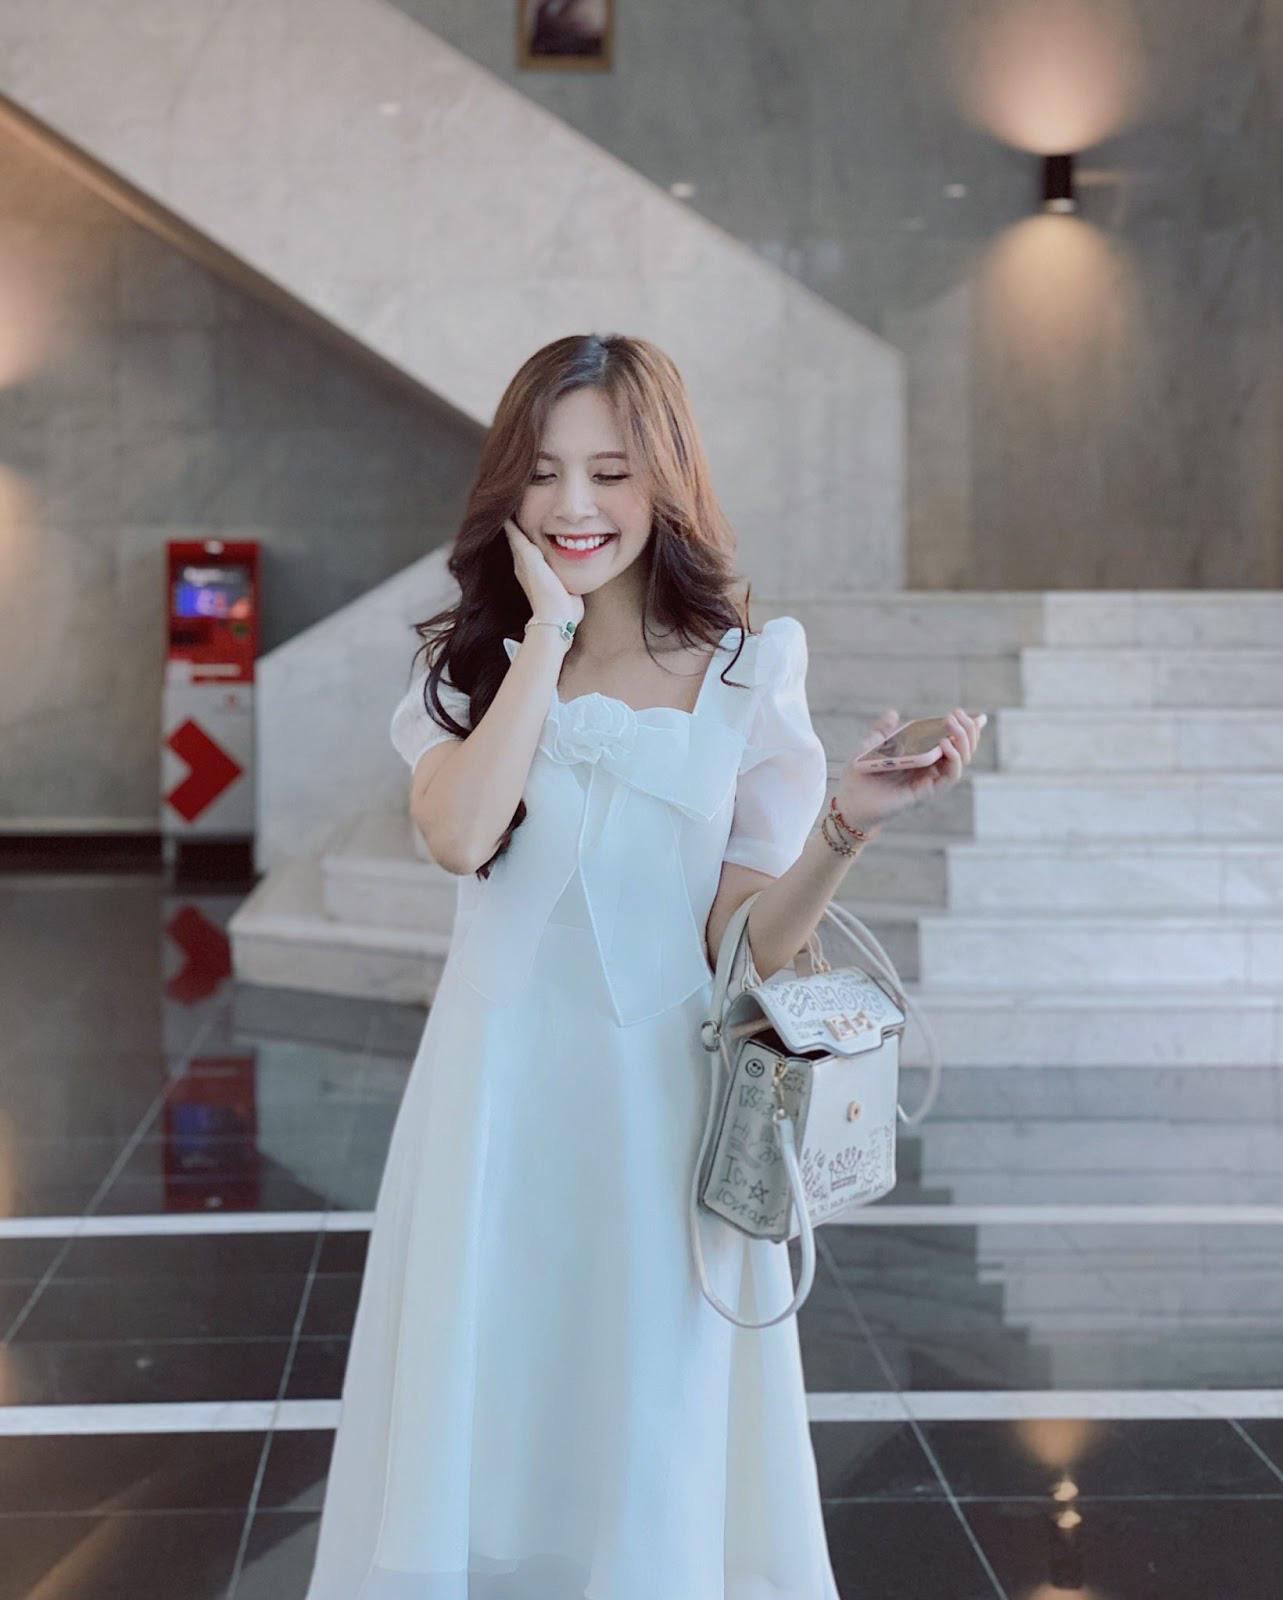 Charme Store - Thương hiệu váy công chúa làm điên đảo giới trẻ Hà thành - Ảnh 5.